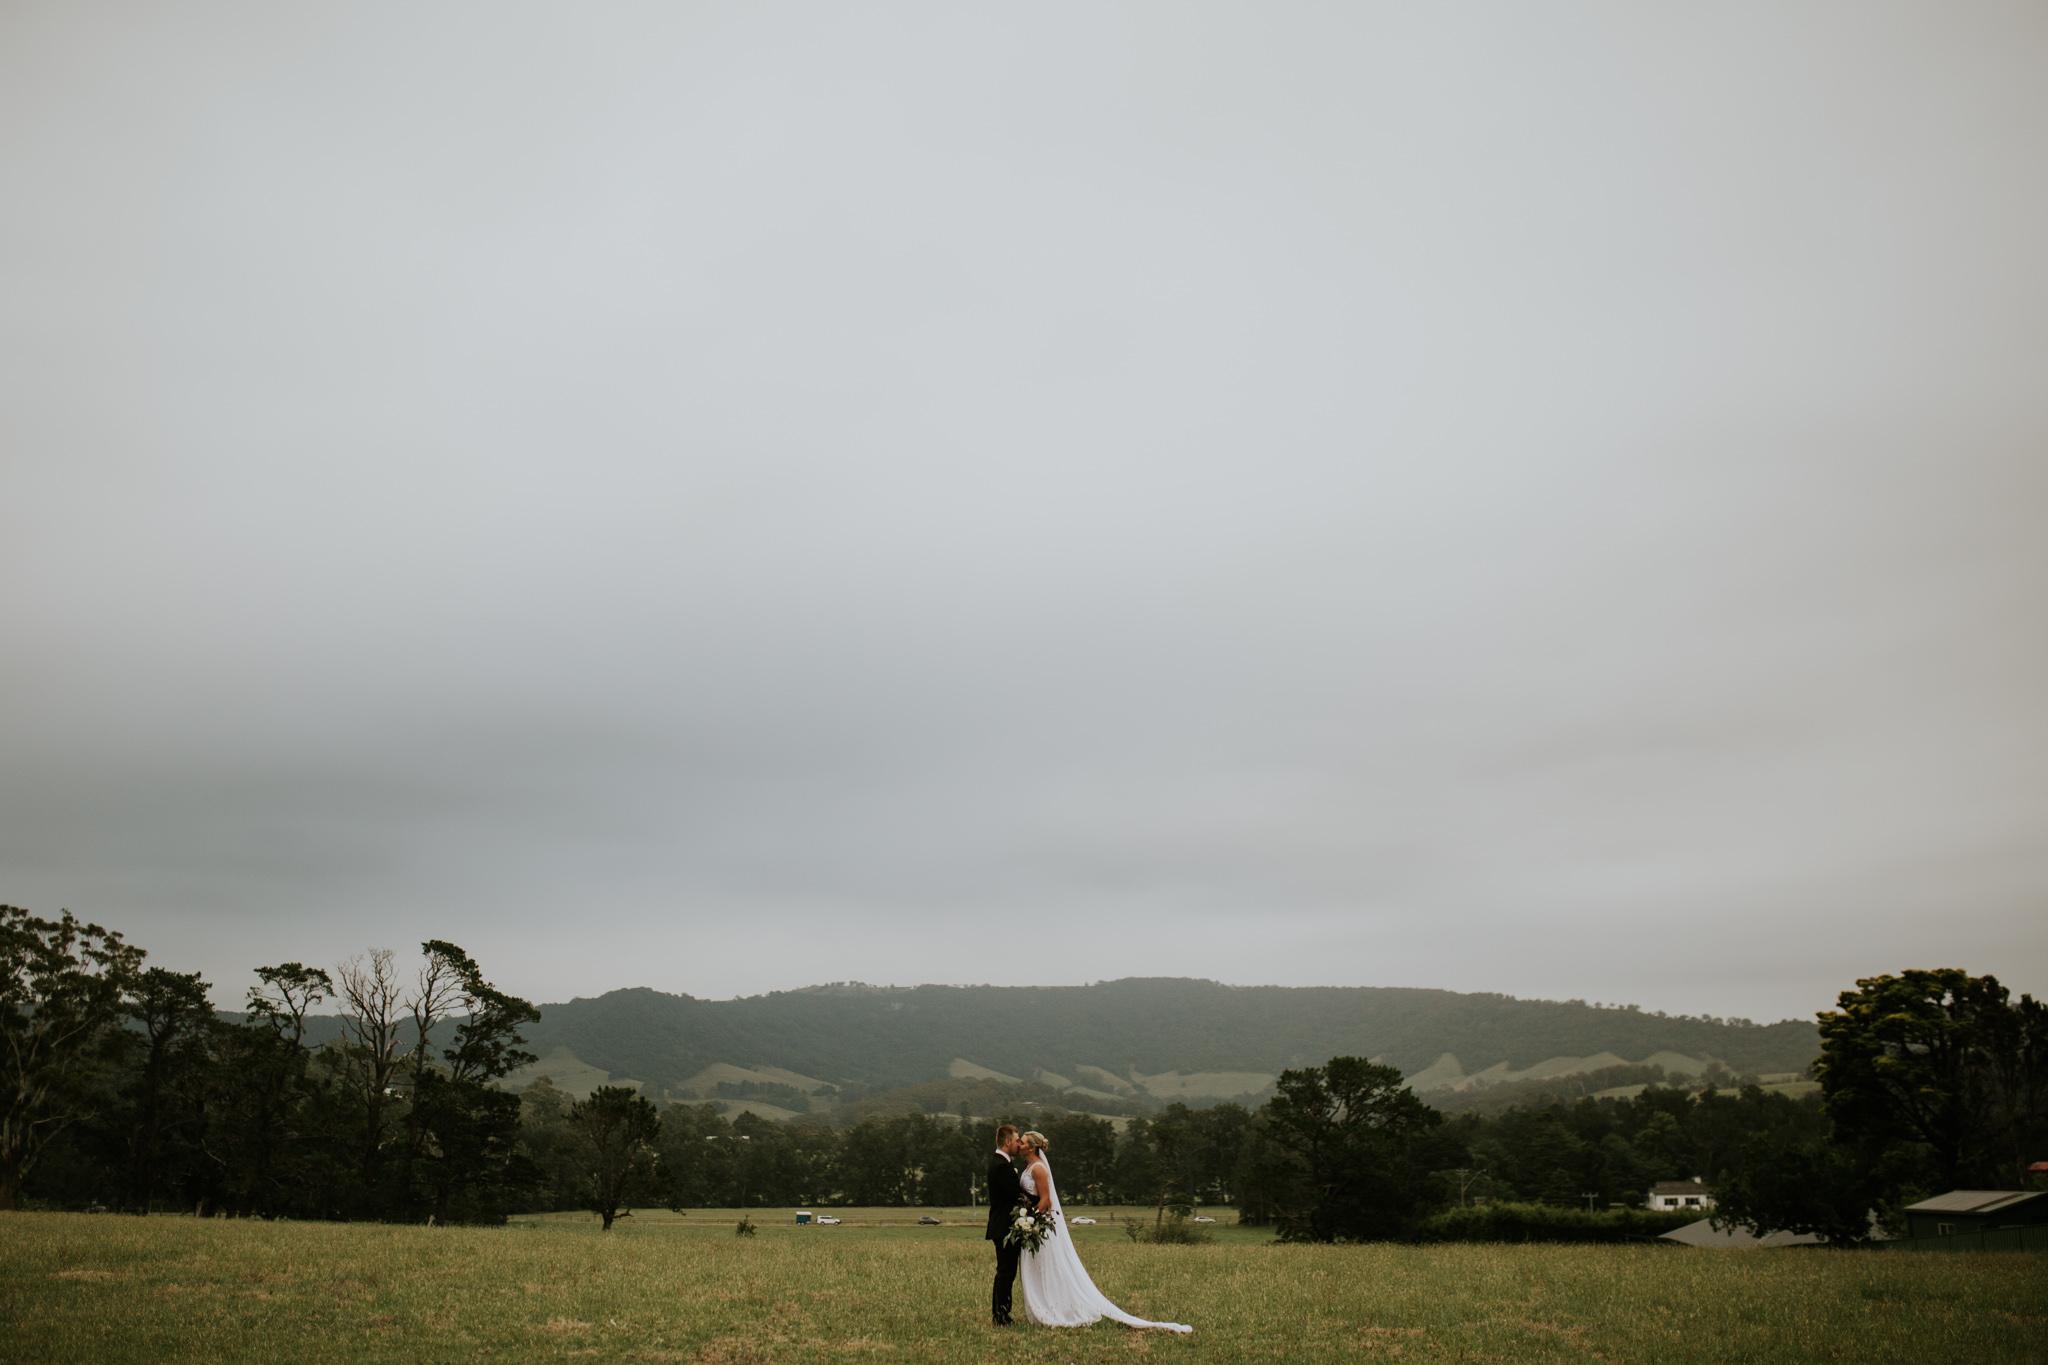 Lucy+Kyle+Kiama+Sebel+wedding-95.jpg